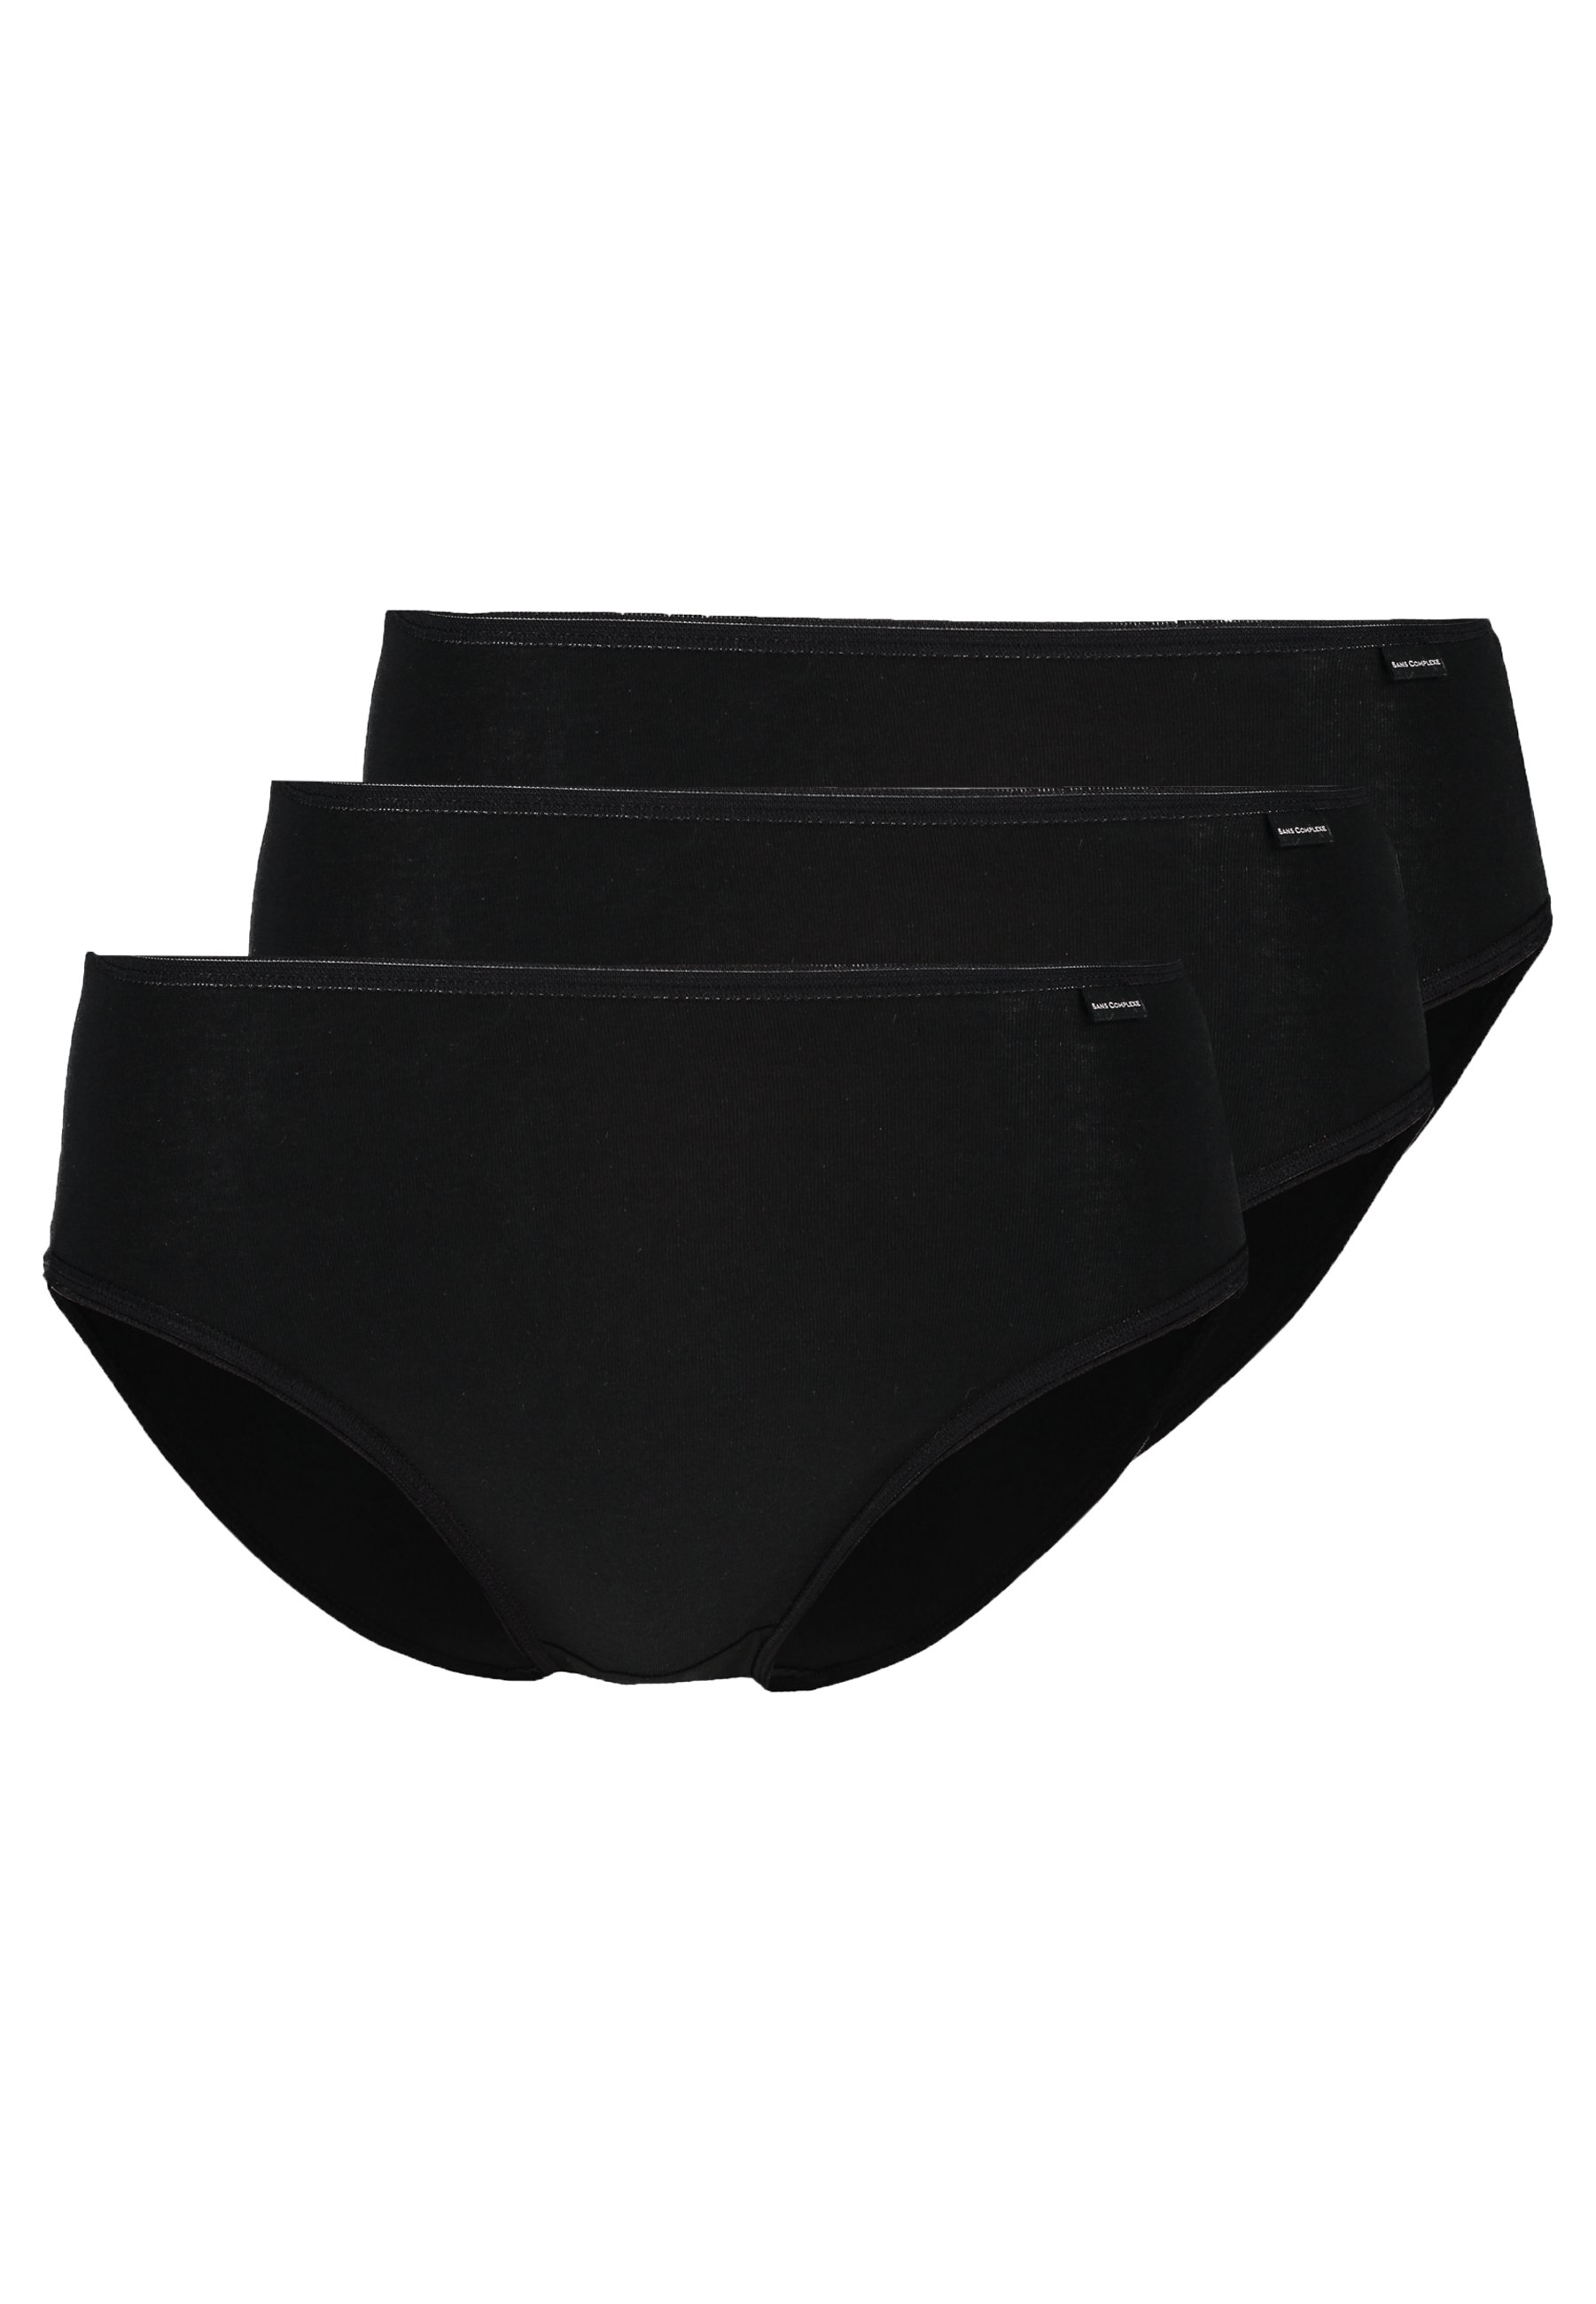 Sans Complexe Simplement Brief 3 Pack - Slip Noir